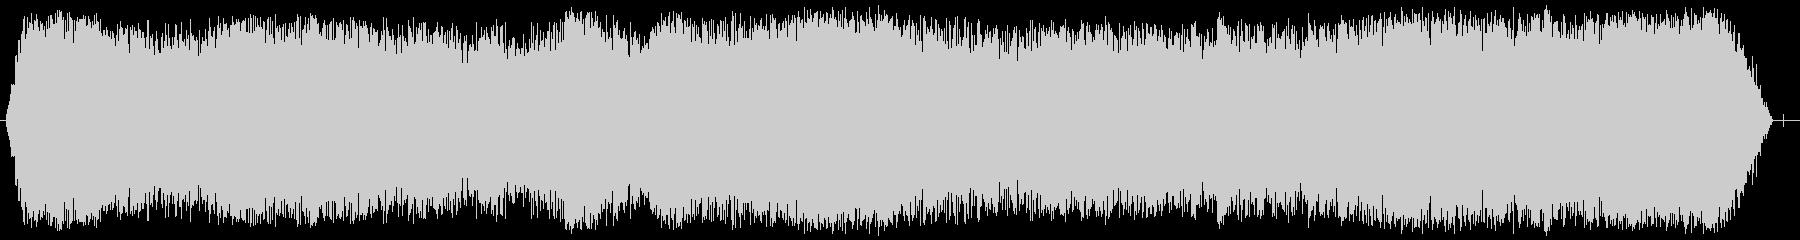 カテドラルルームトーンの未再生の波形